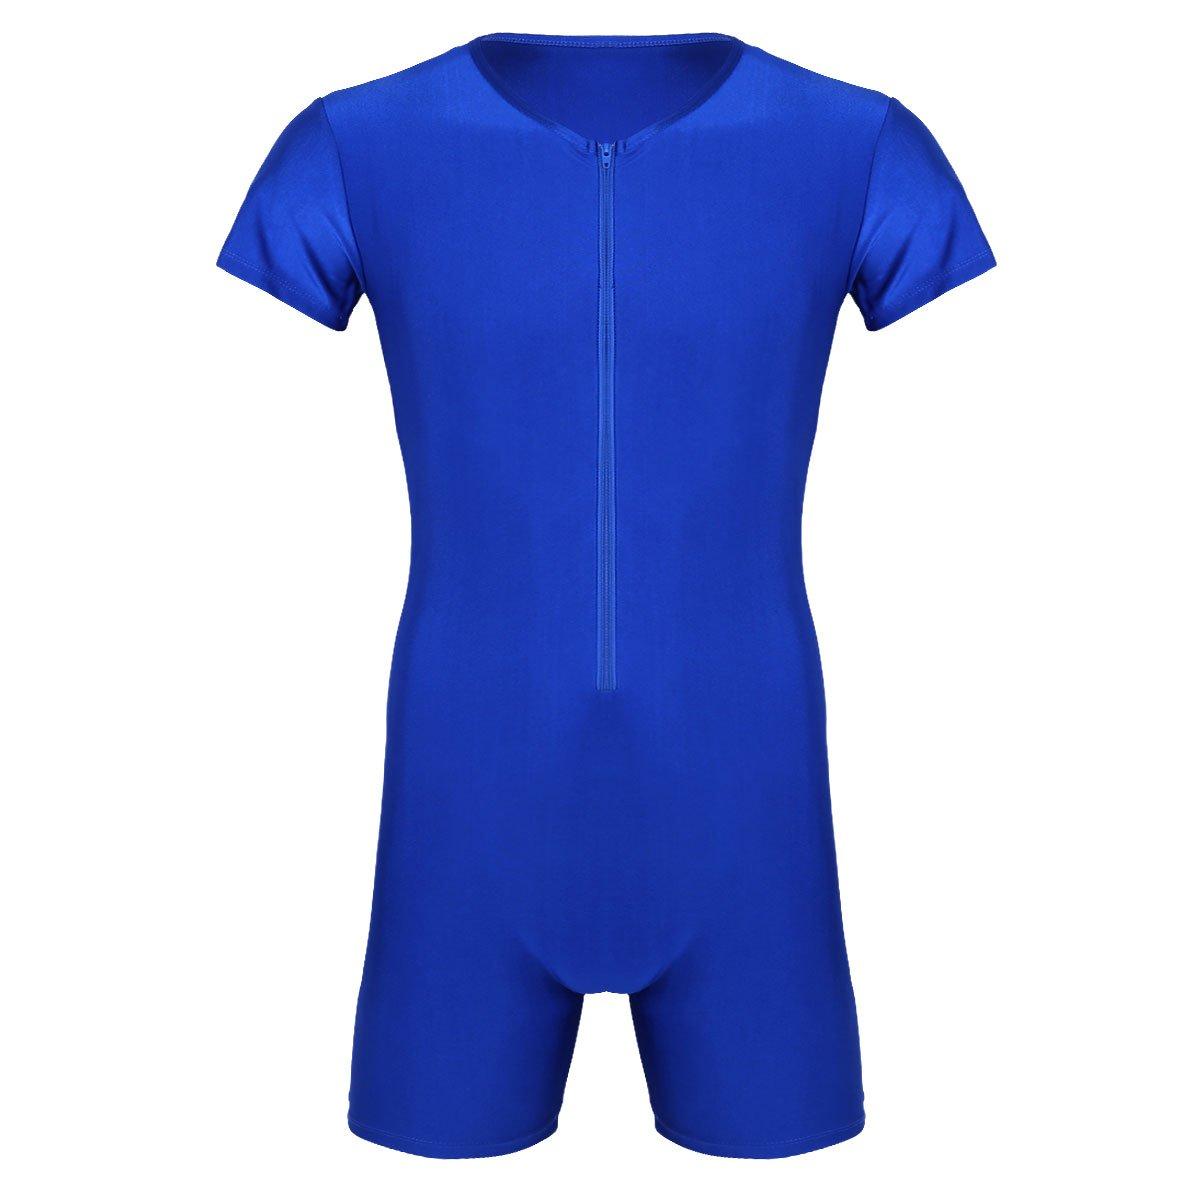 iiniim Herren Body Zip Einteiler Herrenbody Männerbody Elastisches Overall Fitness Sportbody Unterhemd Unterwäsche M-XXL